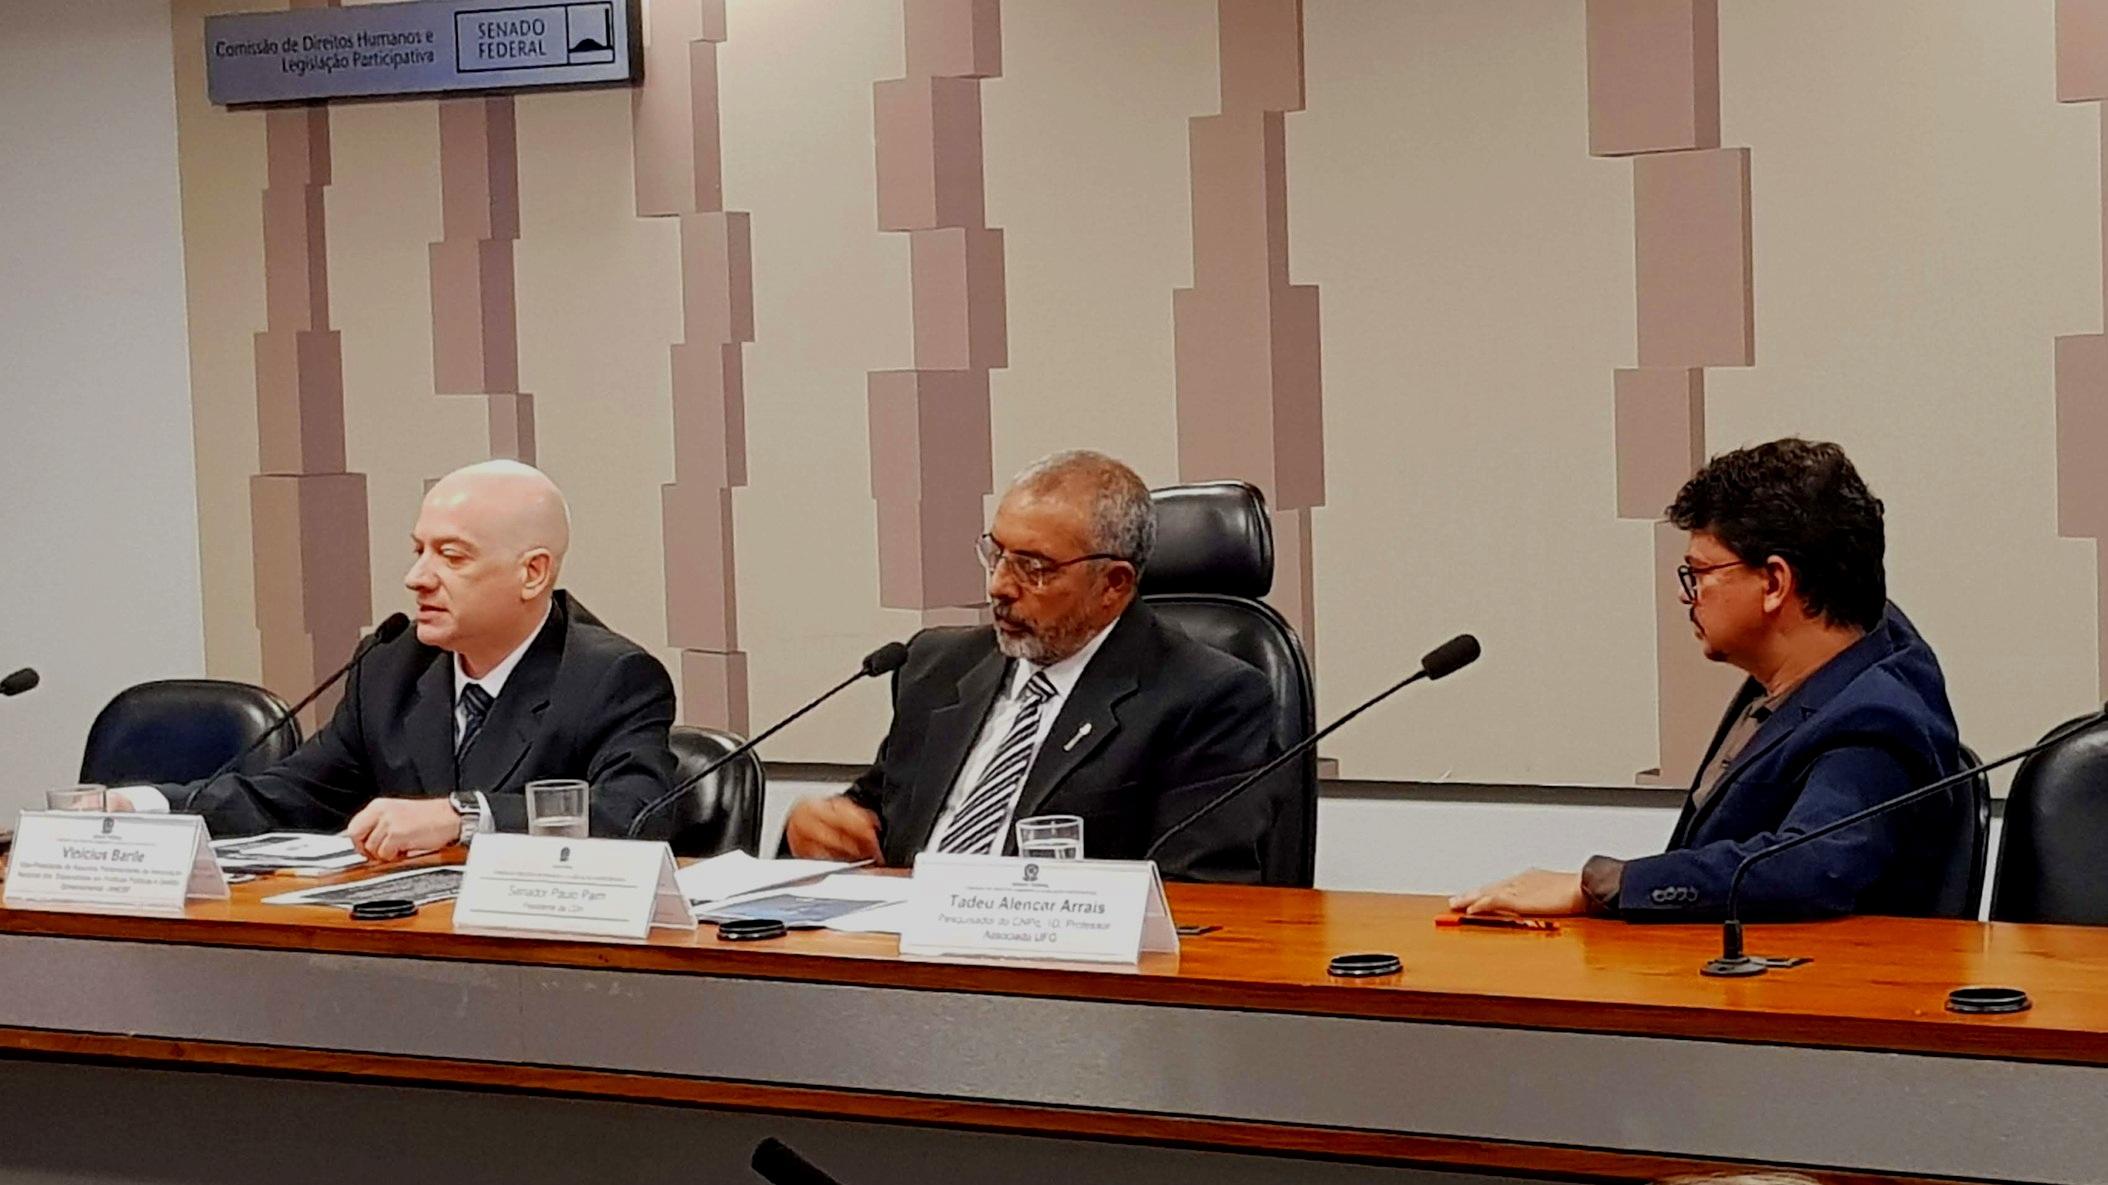 O Vice-Presidente da ANESP Vinícius Barile, o Senador Paulo Paim e o pesquisador do CNPq Tadeu Arrais durante a audiência pública